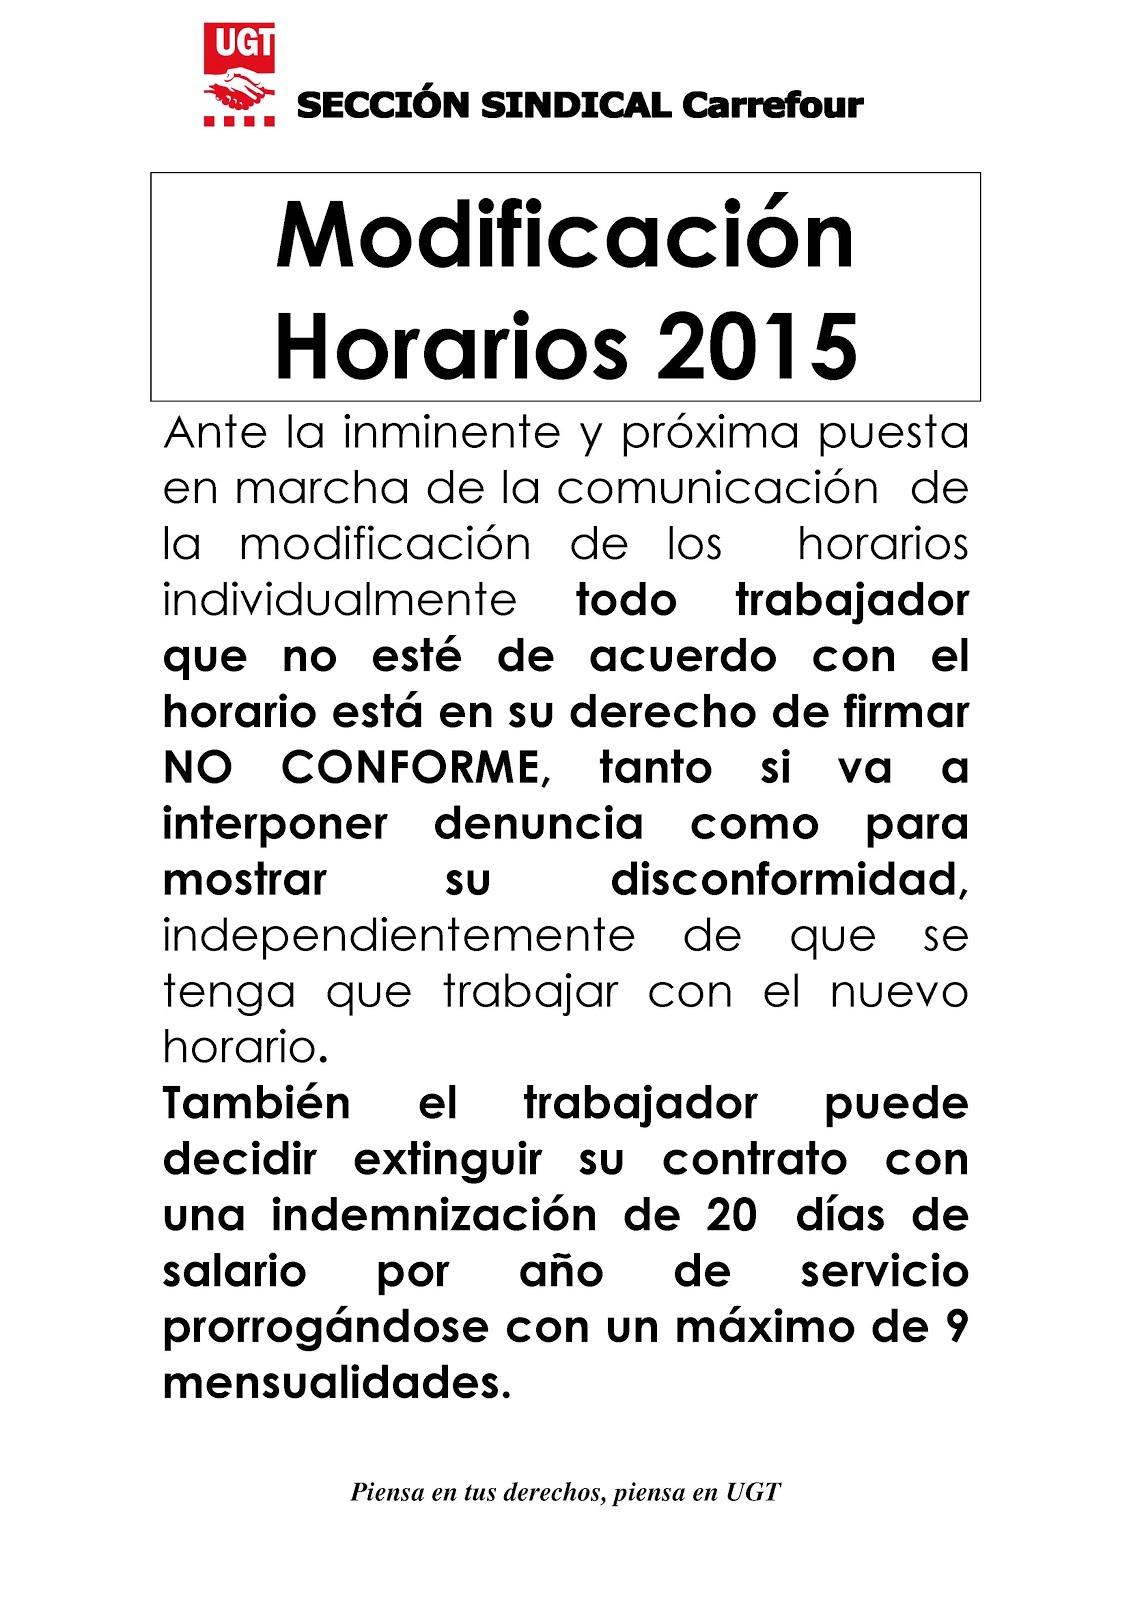 modif horarios 2015